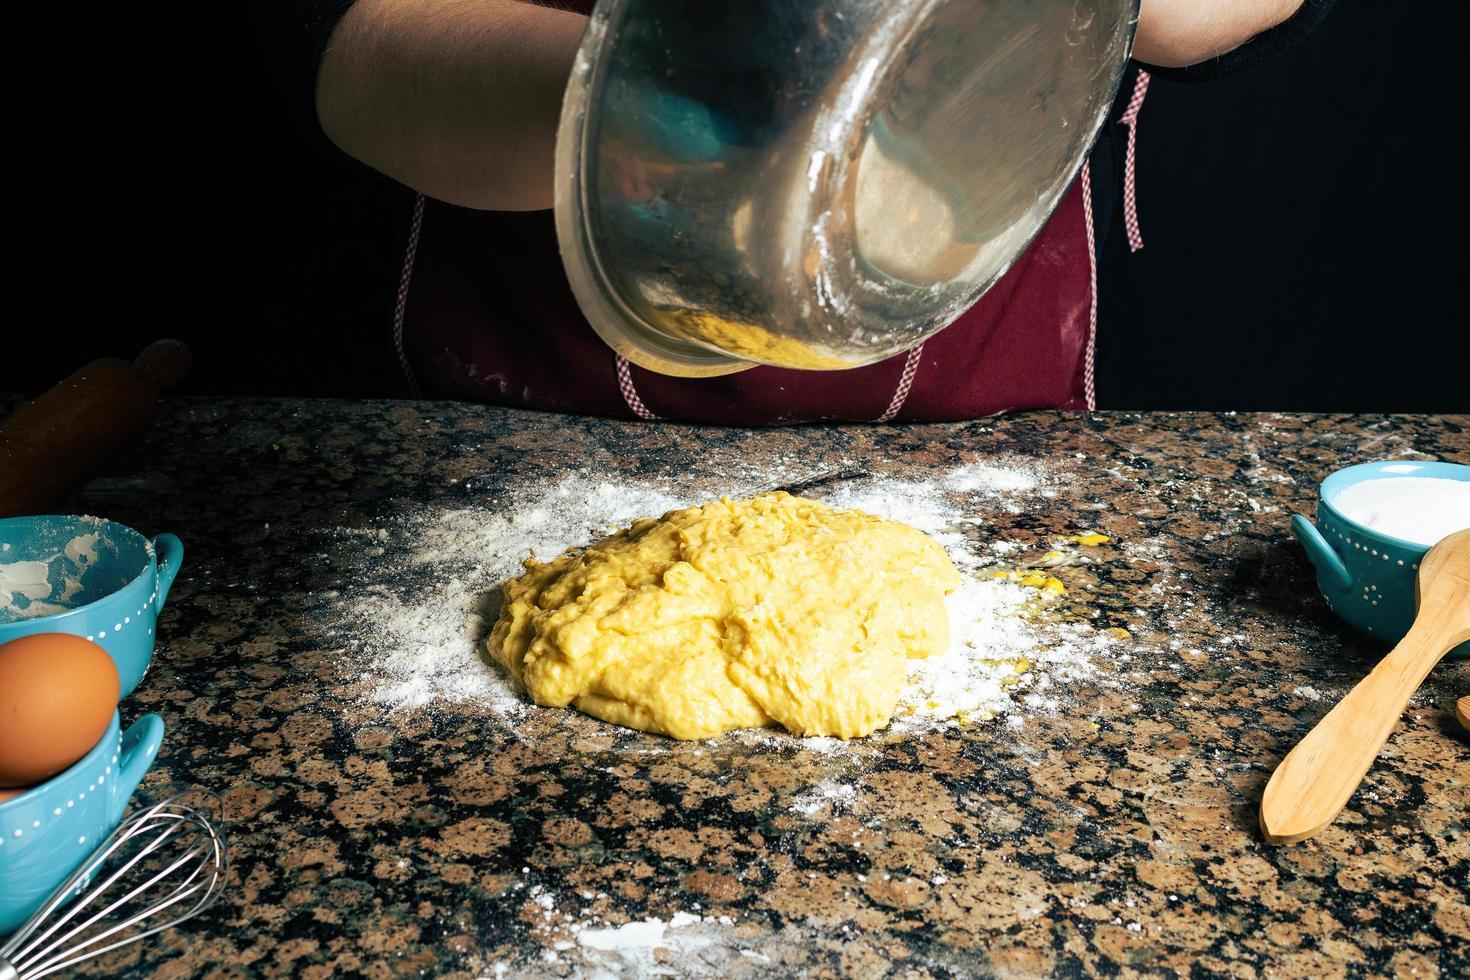 personne faisant des pâtes fraîches photo